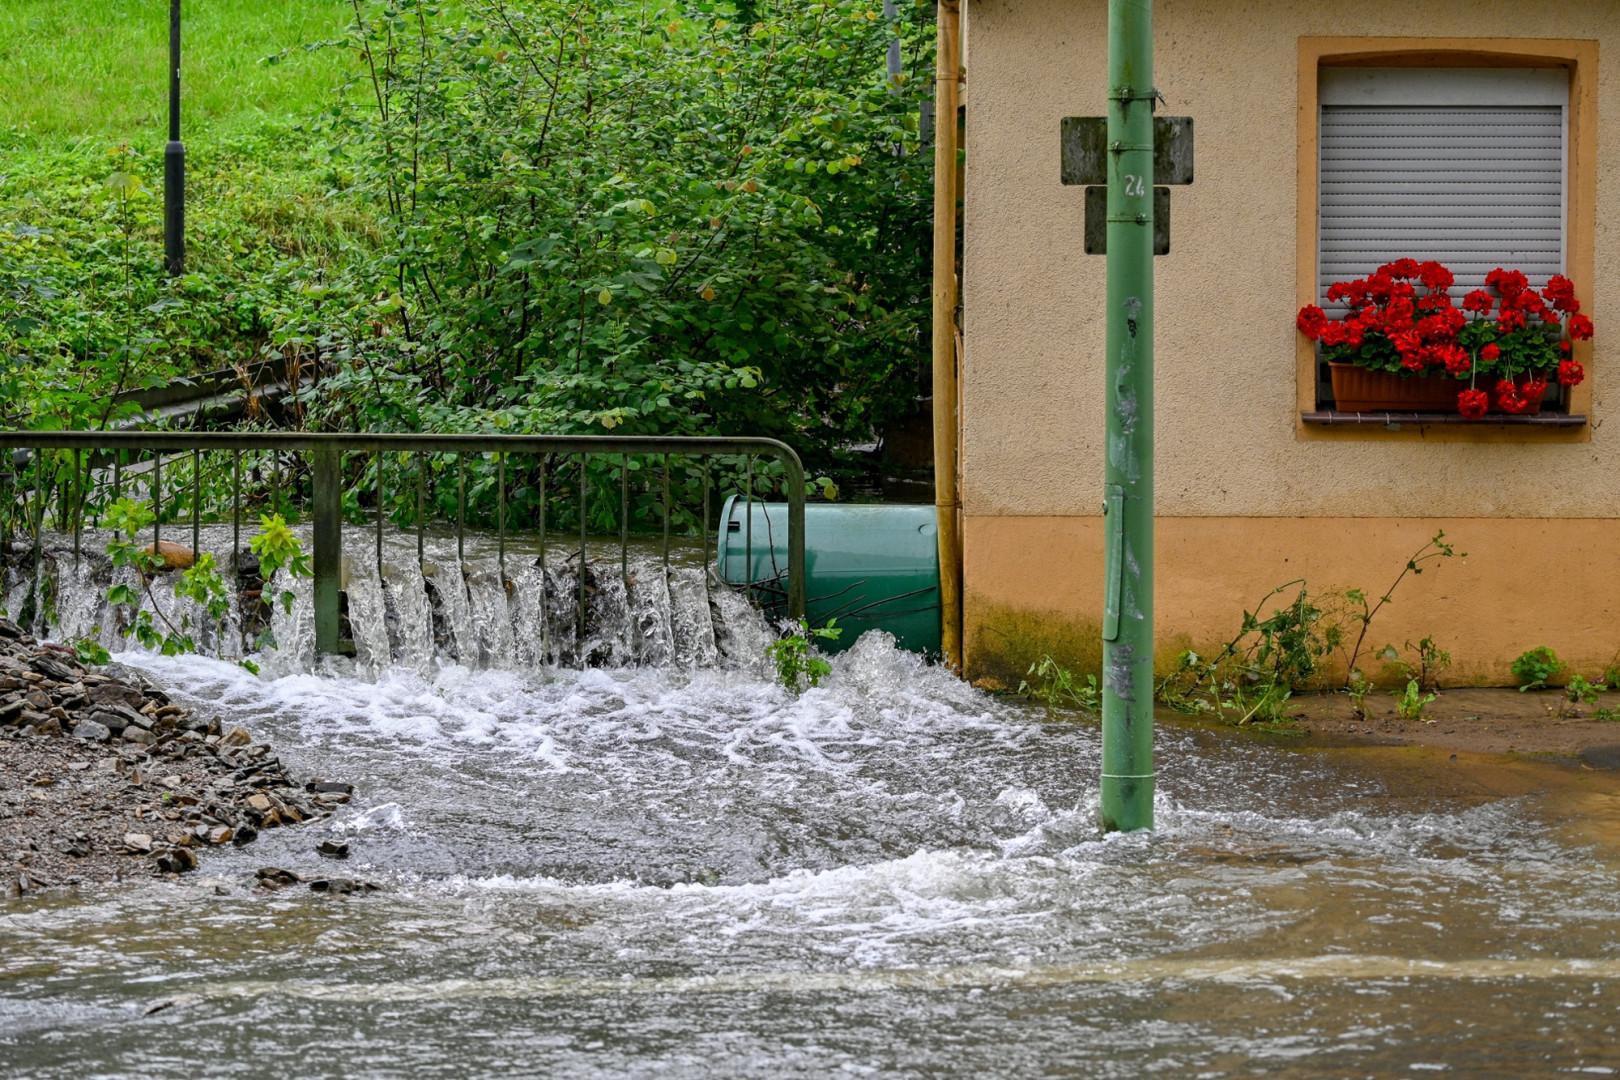 La rivière Volme déborde dans une rue de Priorei près de Hagen, dans l'ouest de l'Allemagne le 15 juillet 2021, après de fortes pluies qui ont frappé le pays.